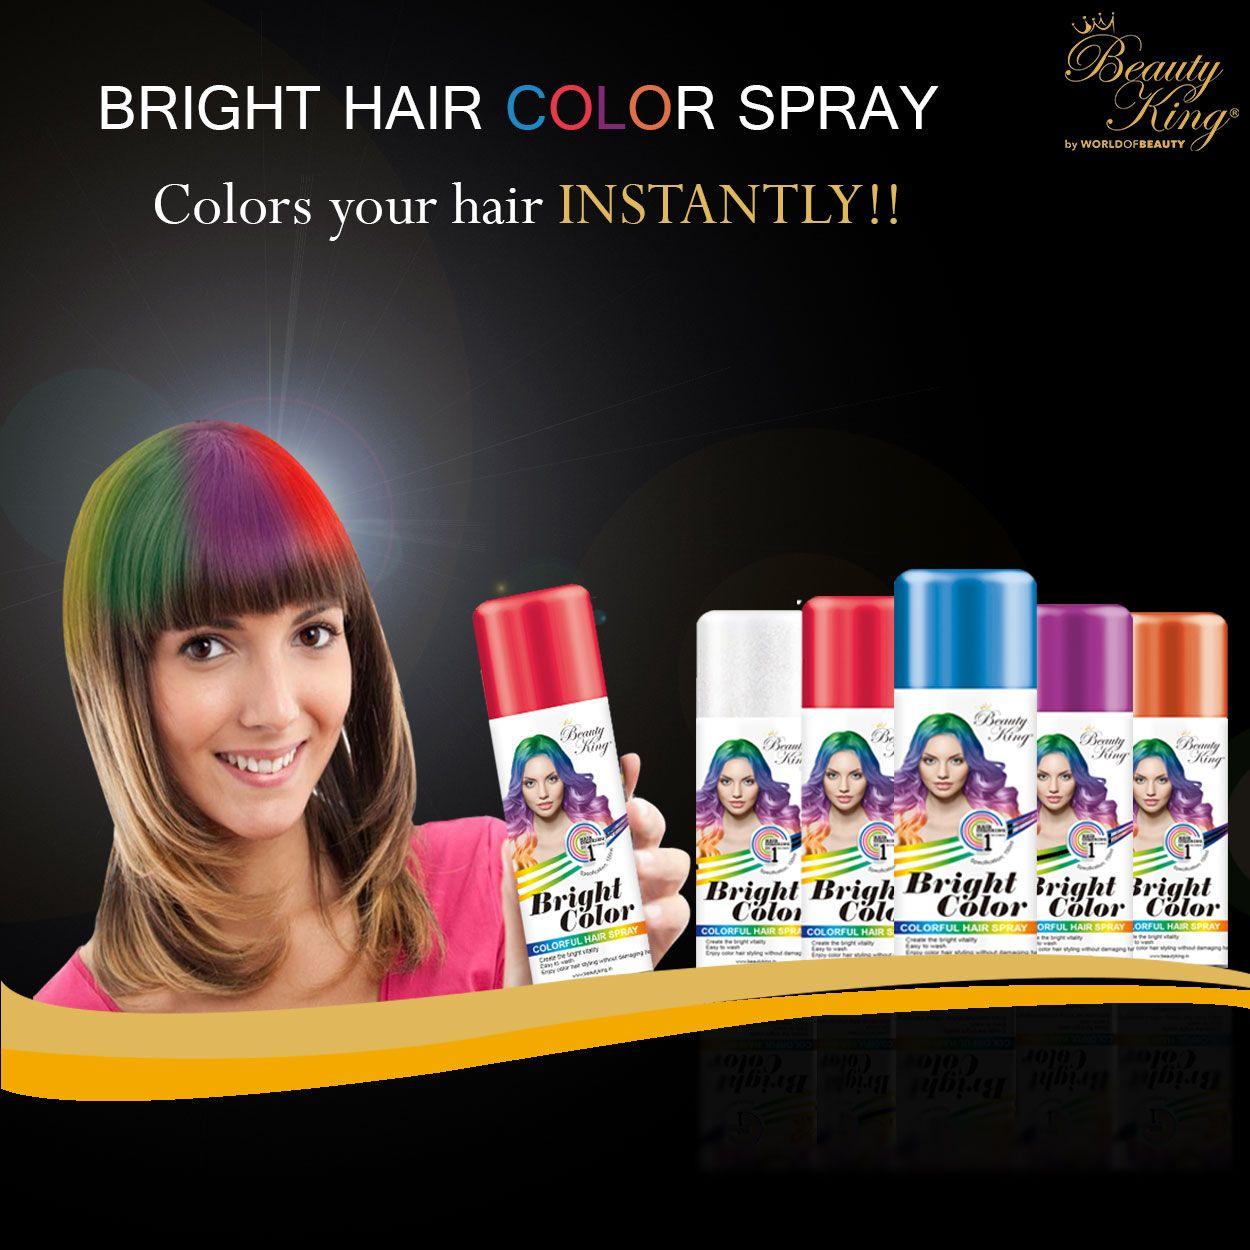 BeautyKingIndia presents new Hair color spray, now Spray